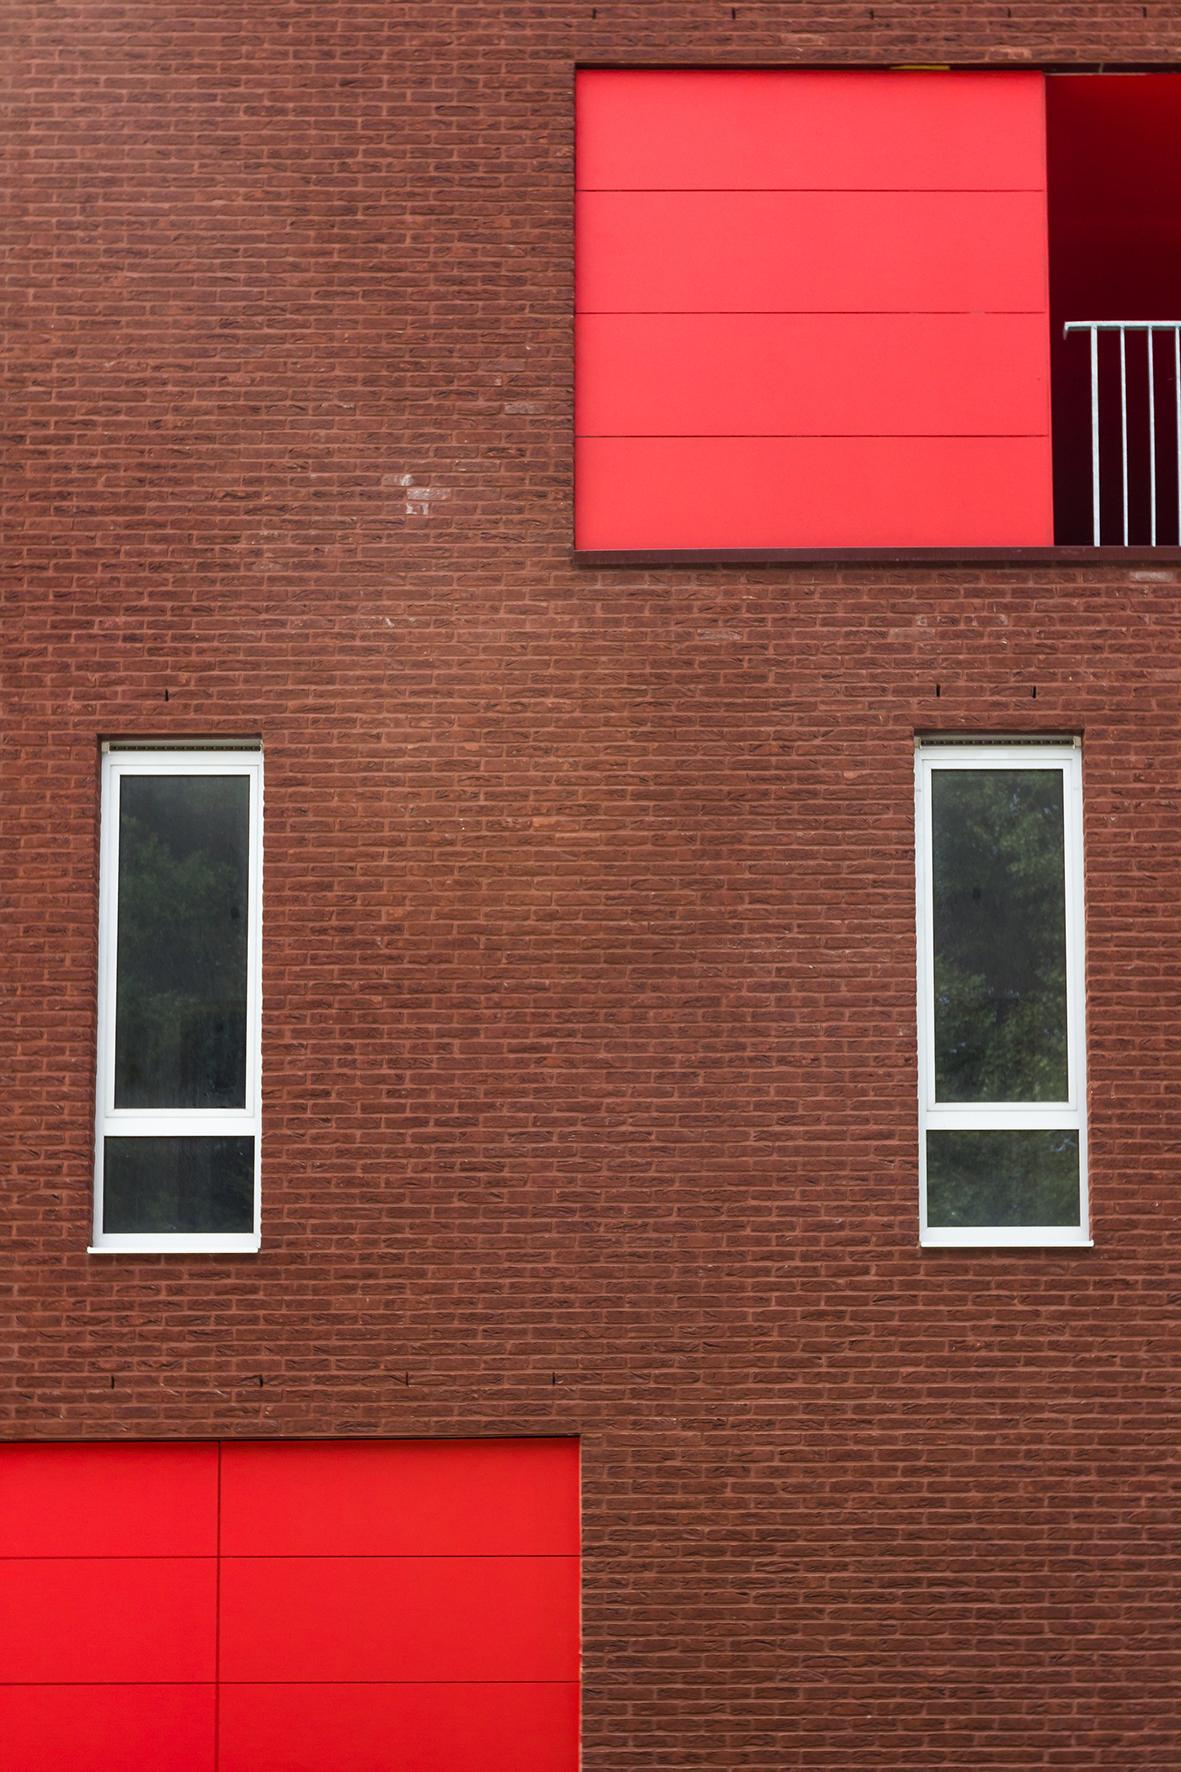 119_Marsstraat (HIGH RES)_03.jpg